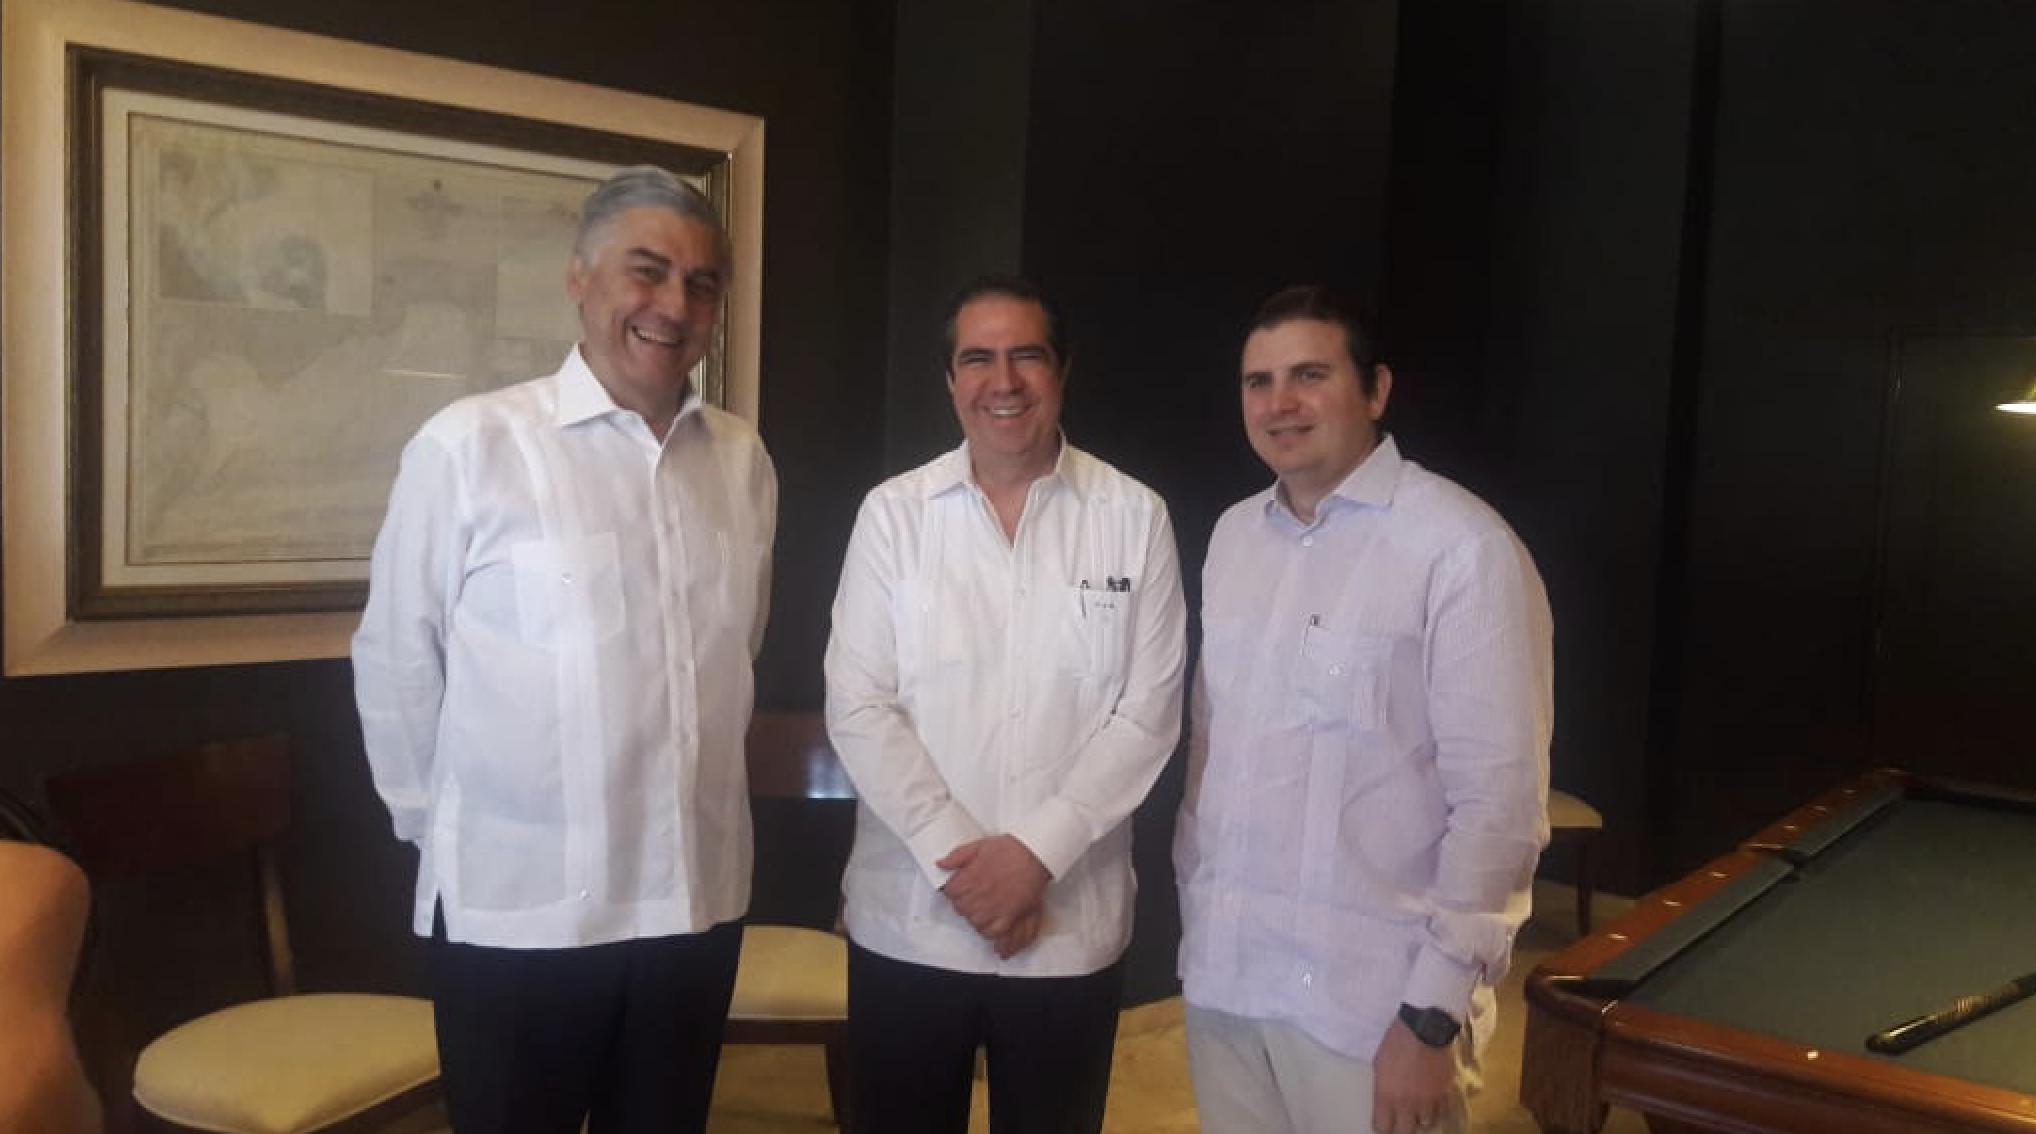 Juan Bancalari, Francisco Javier García y Andrés Marranzini